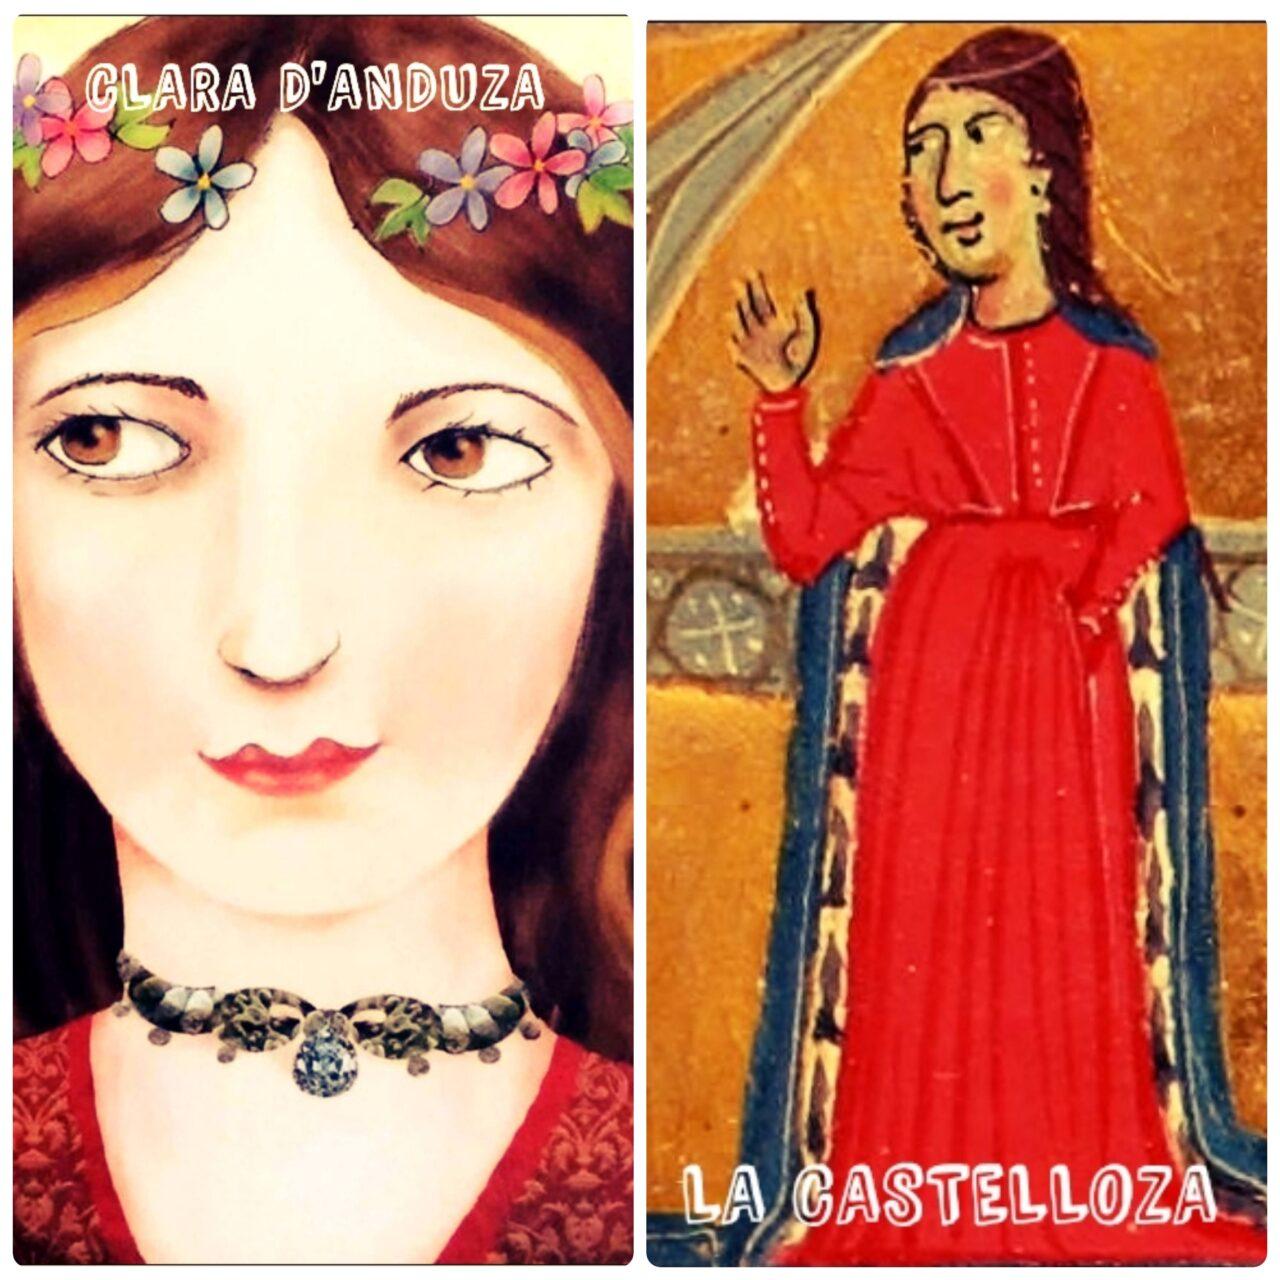 Clara d'Anduza Castelloza trobairitz occitanas